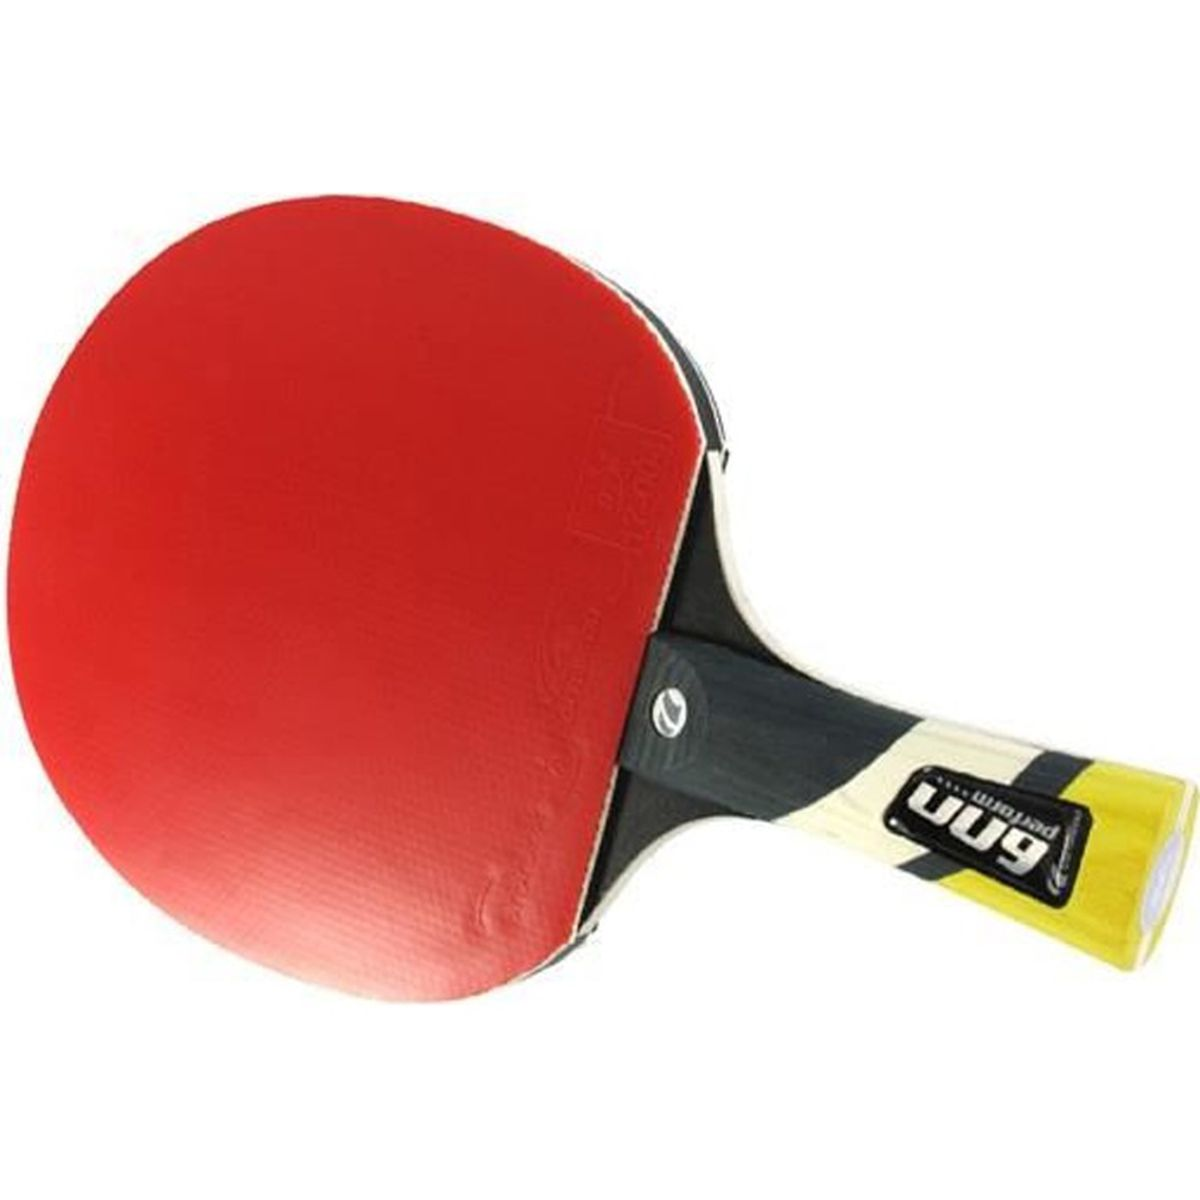 Raquette de ping pong la plus cher du monde 28 images - Table de ping pong pas cher decathlon ...